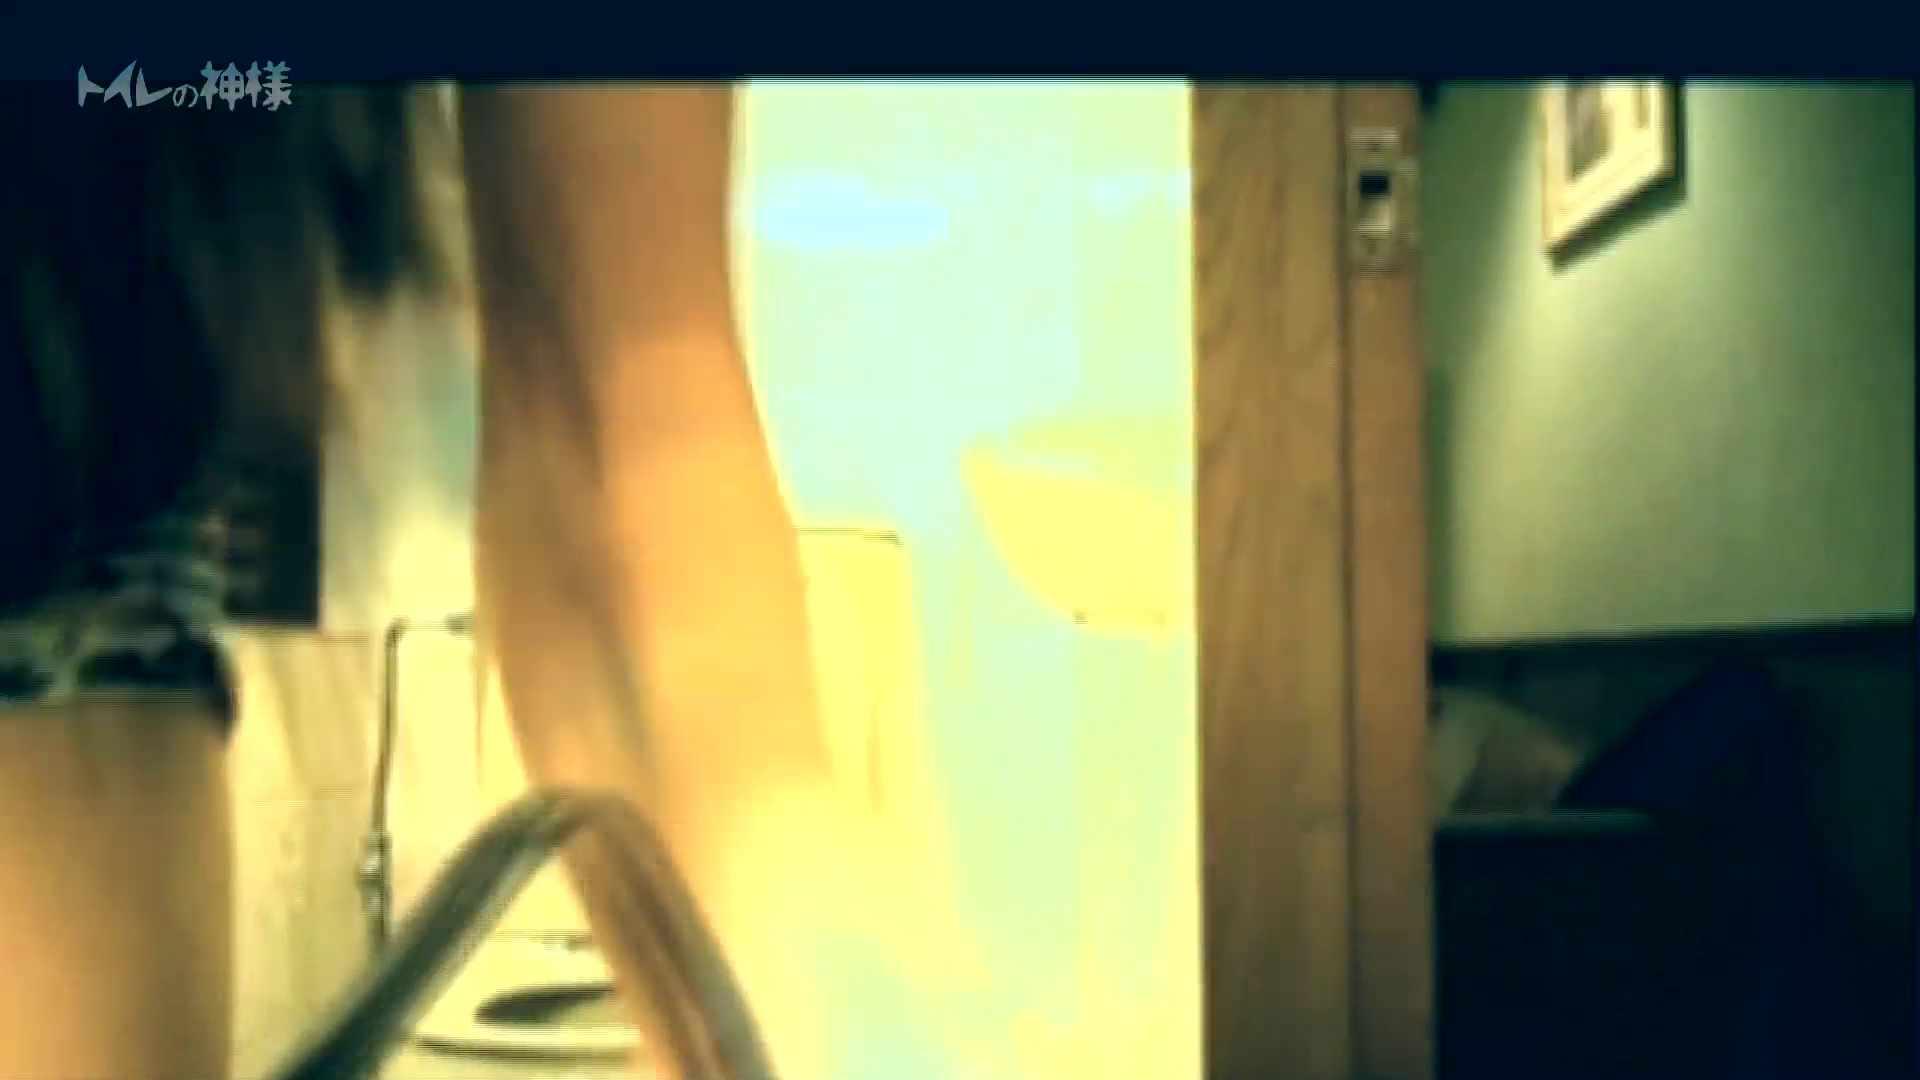 トイレの神様 Vol.01 花の女子大生うんこ盗撮1 うんこ特集 ぱこり動画紹介 96pic 62